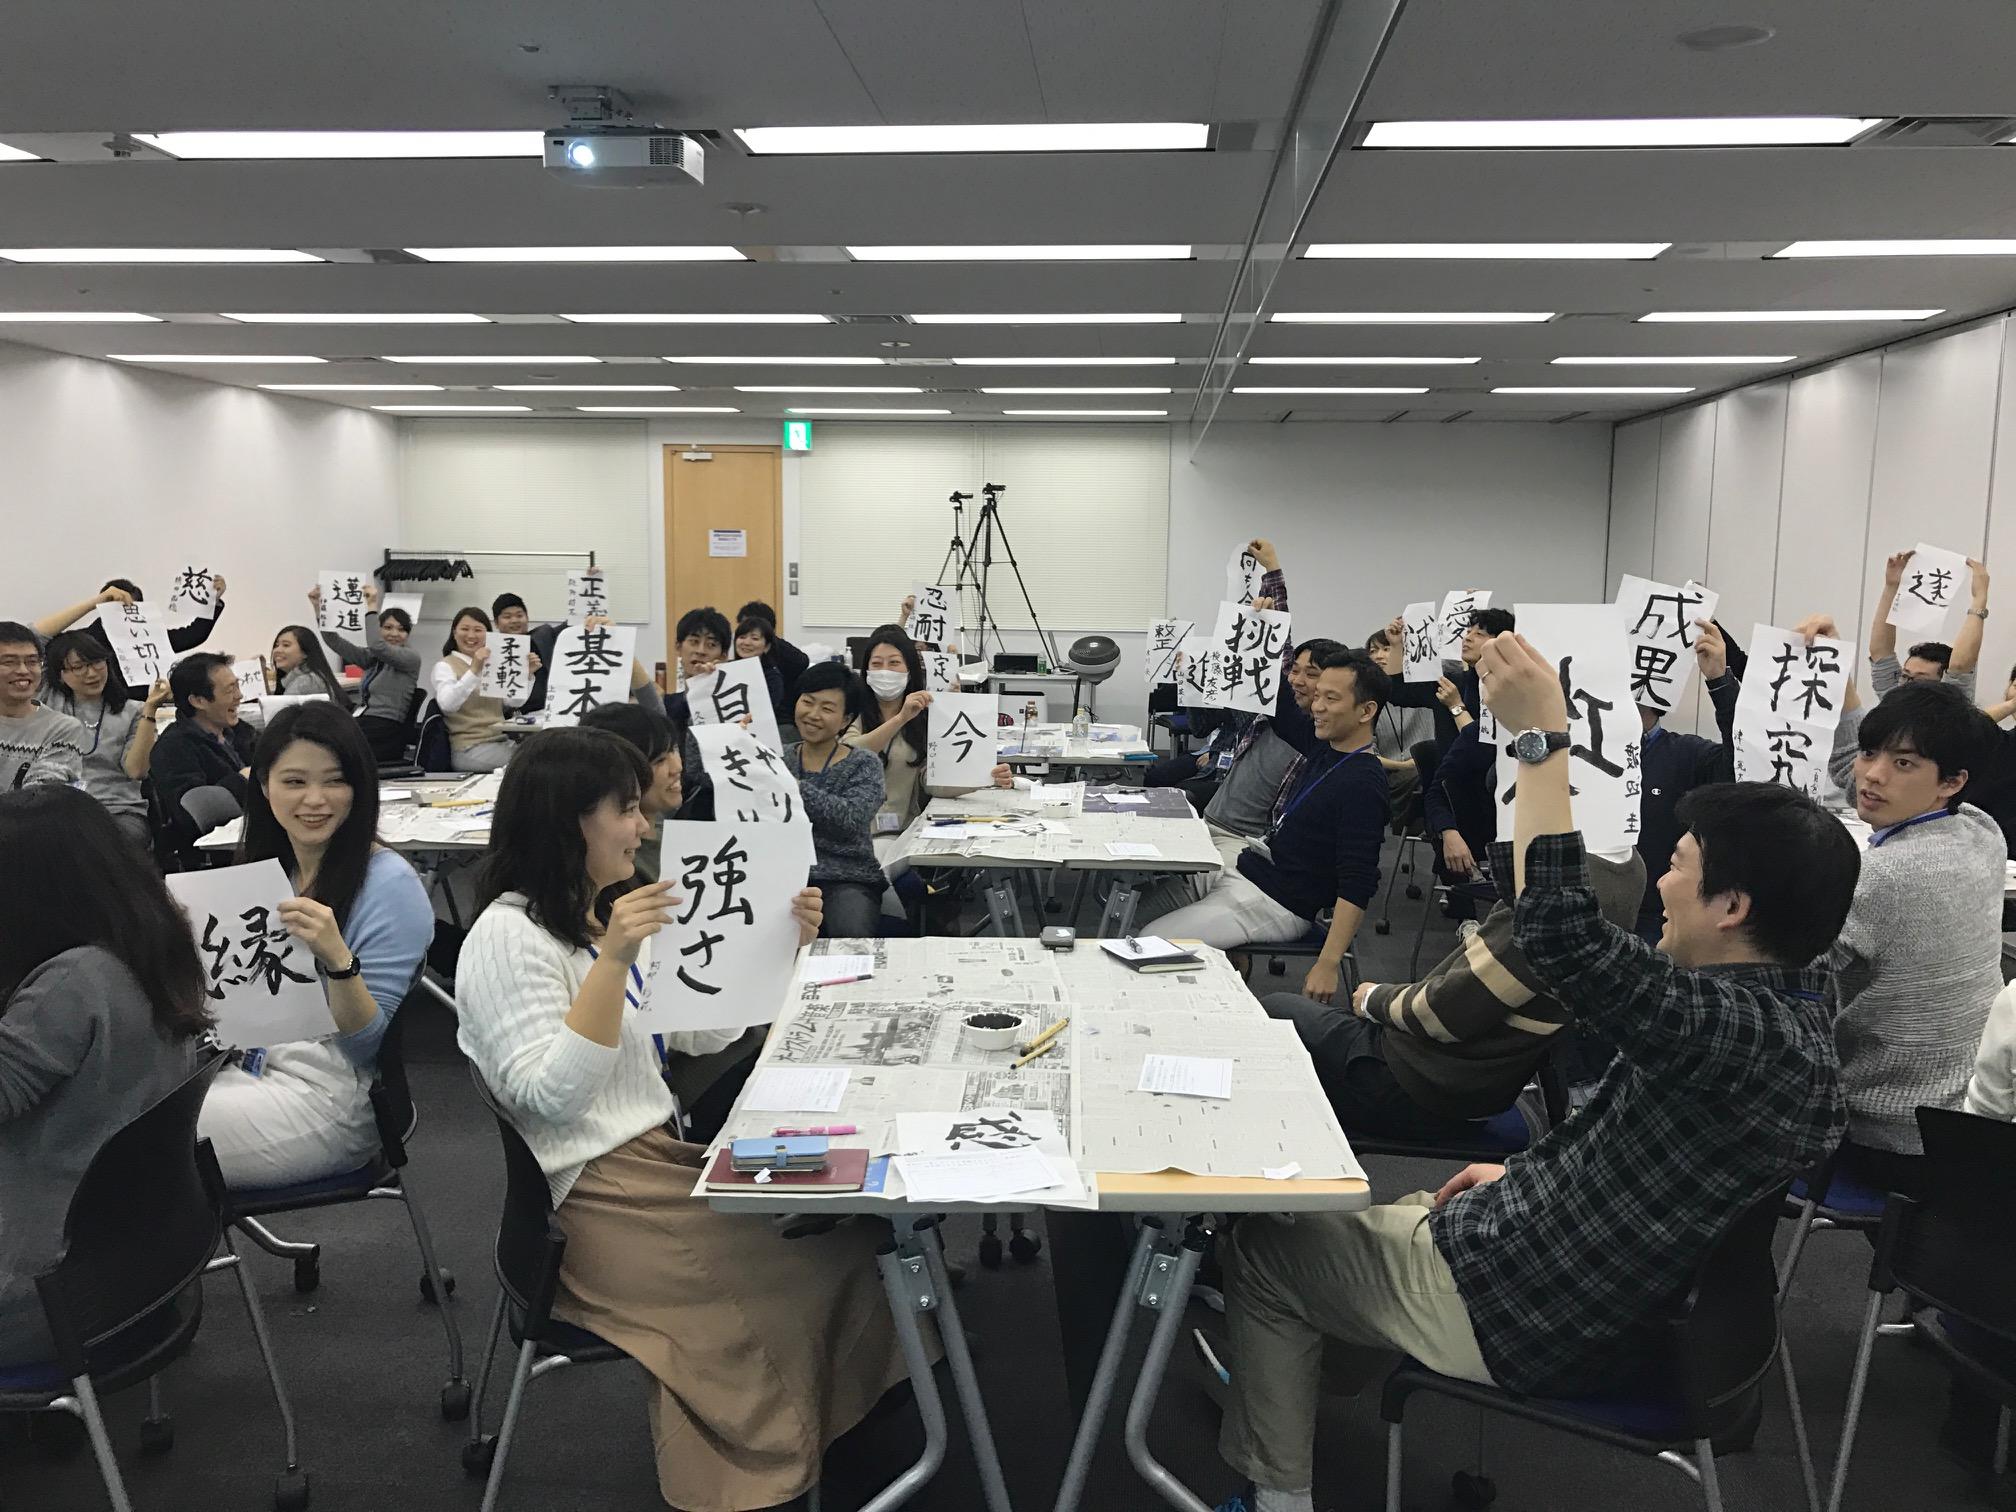 \\50人の書き初め大会!// 事業部キックオフレポート